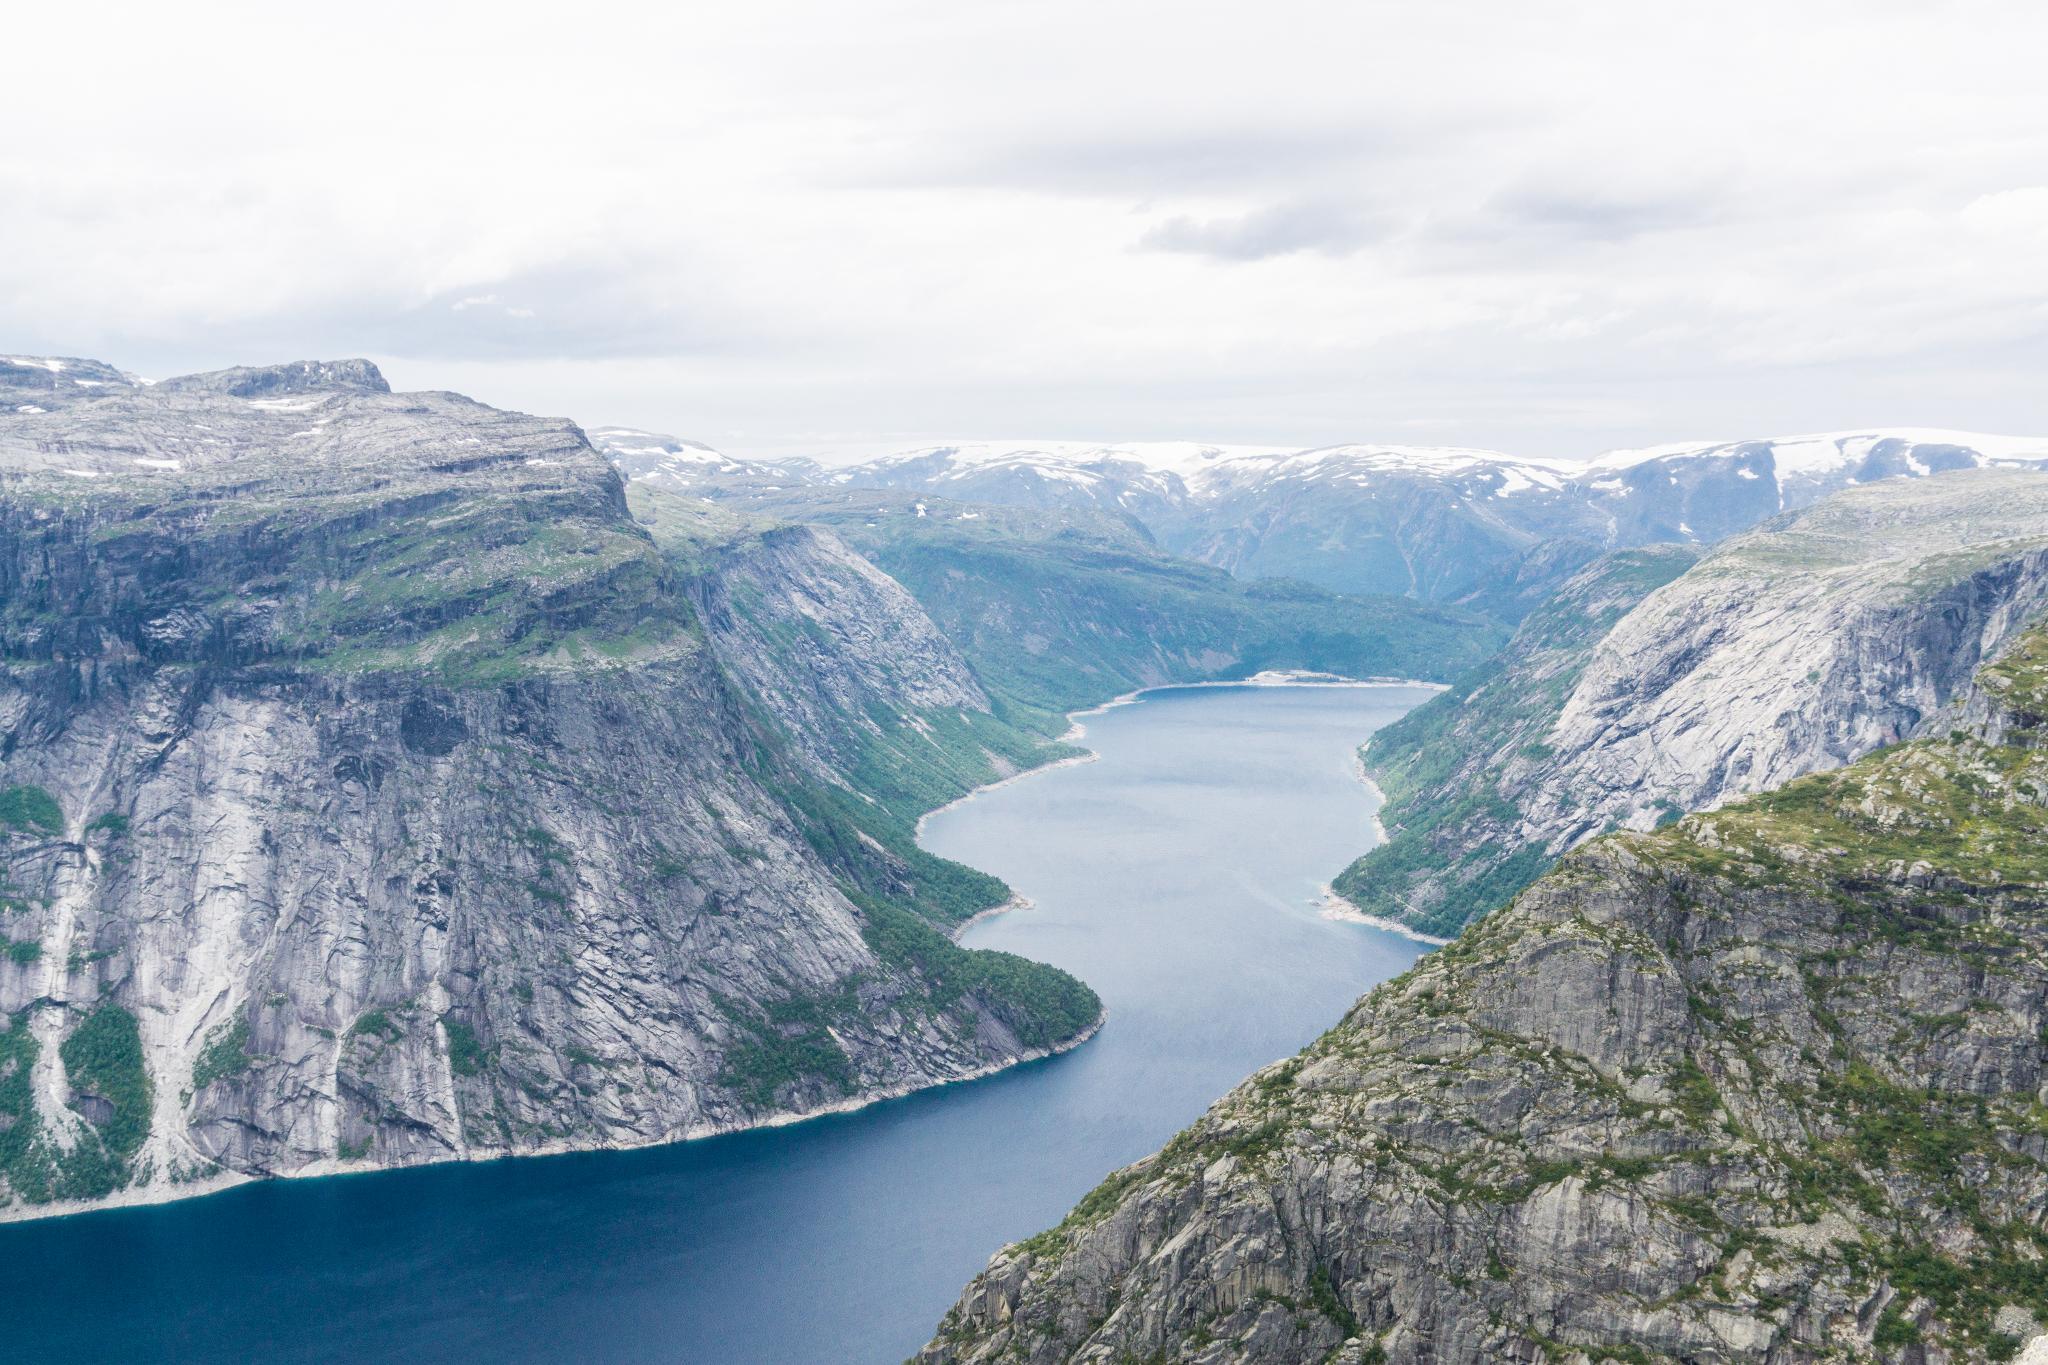 【北歐景點】挪威惡魔之舌 Trolltunga — 28公里健行挑戰全攻略 225